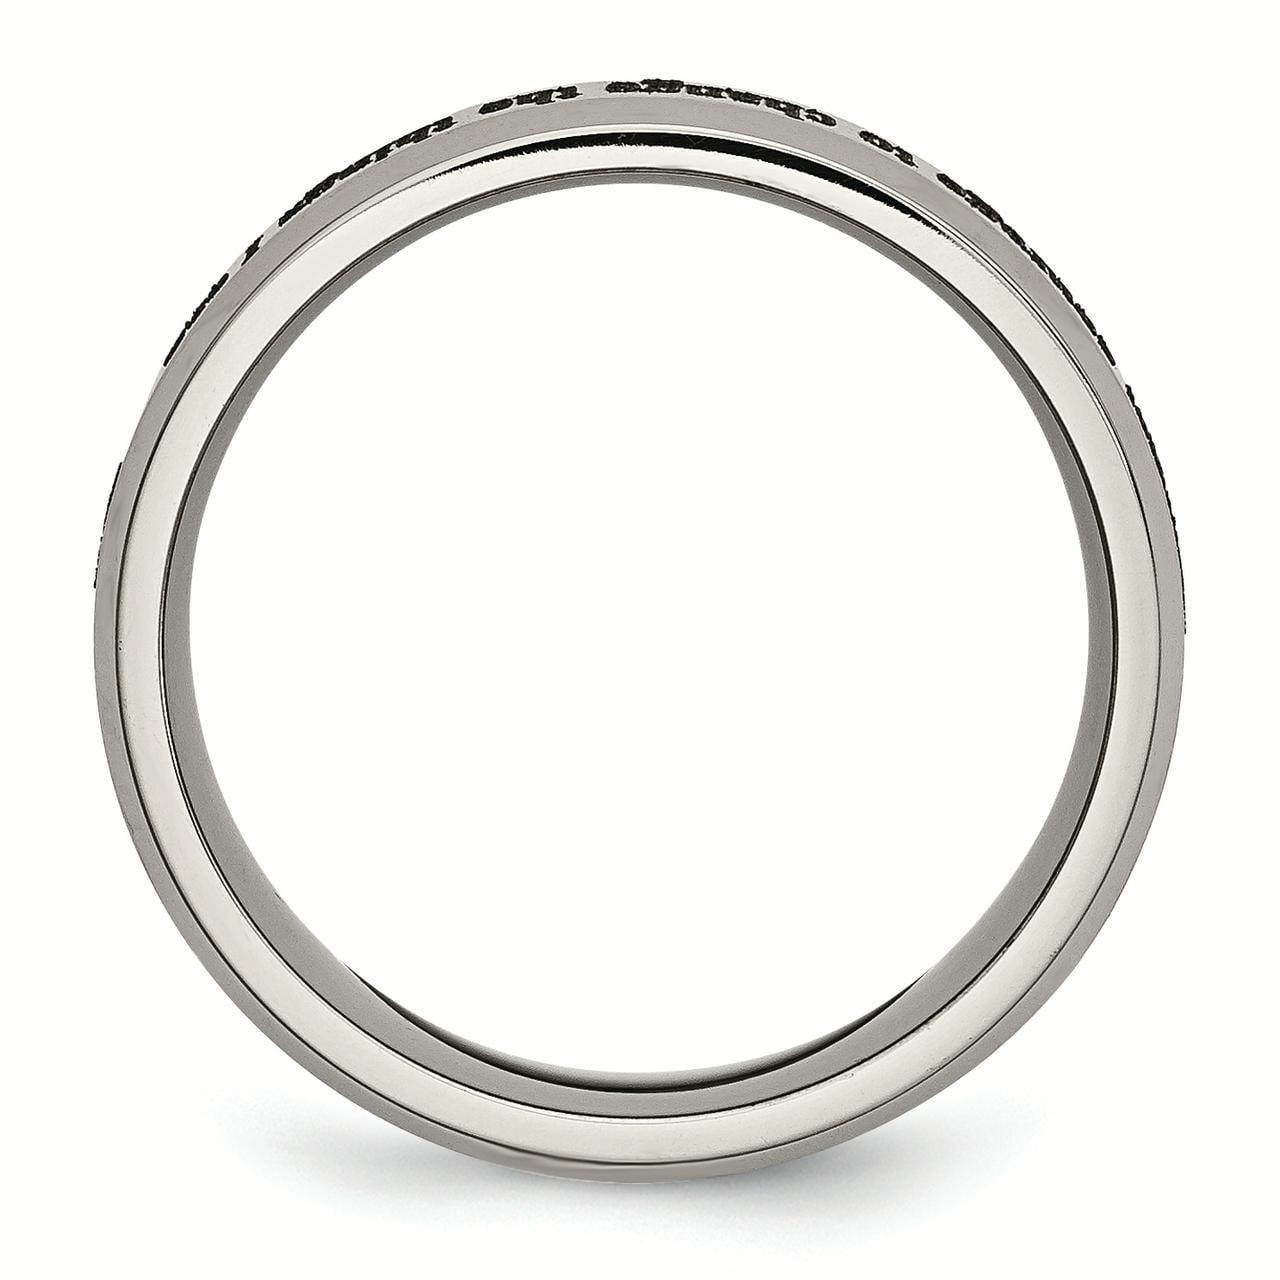 Titanium Beveled Edge 8mm Laser Design Brushed /& Polished Band